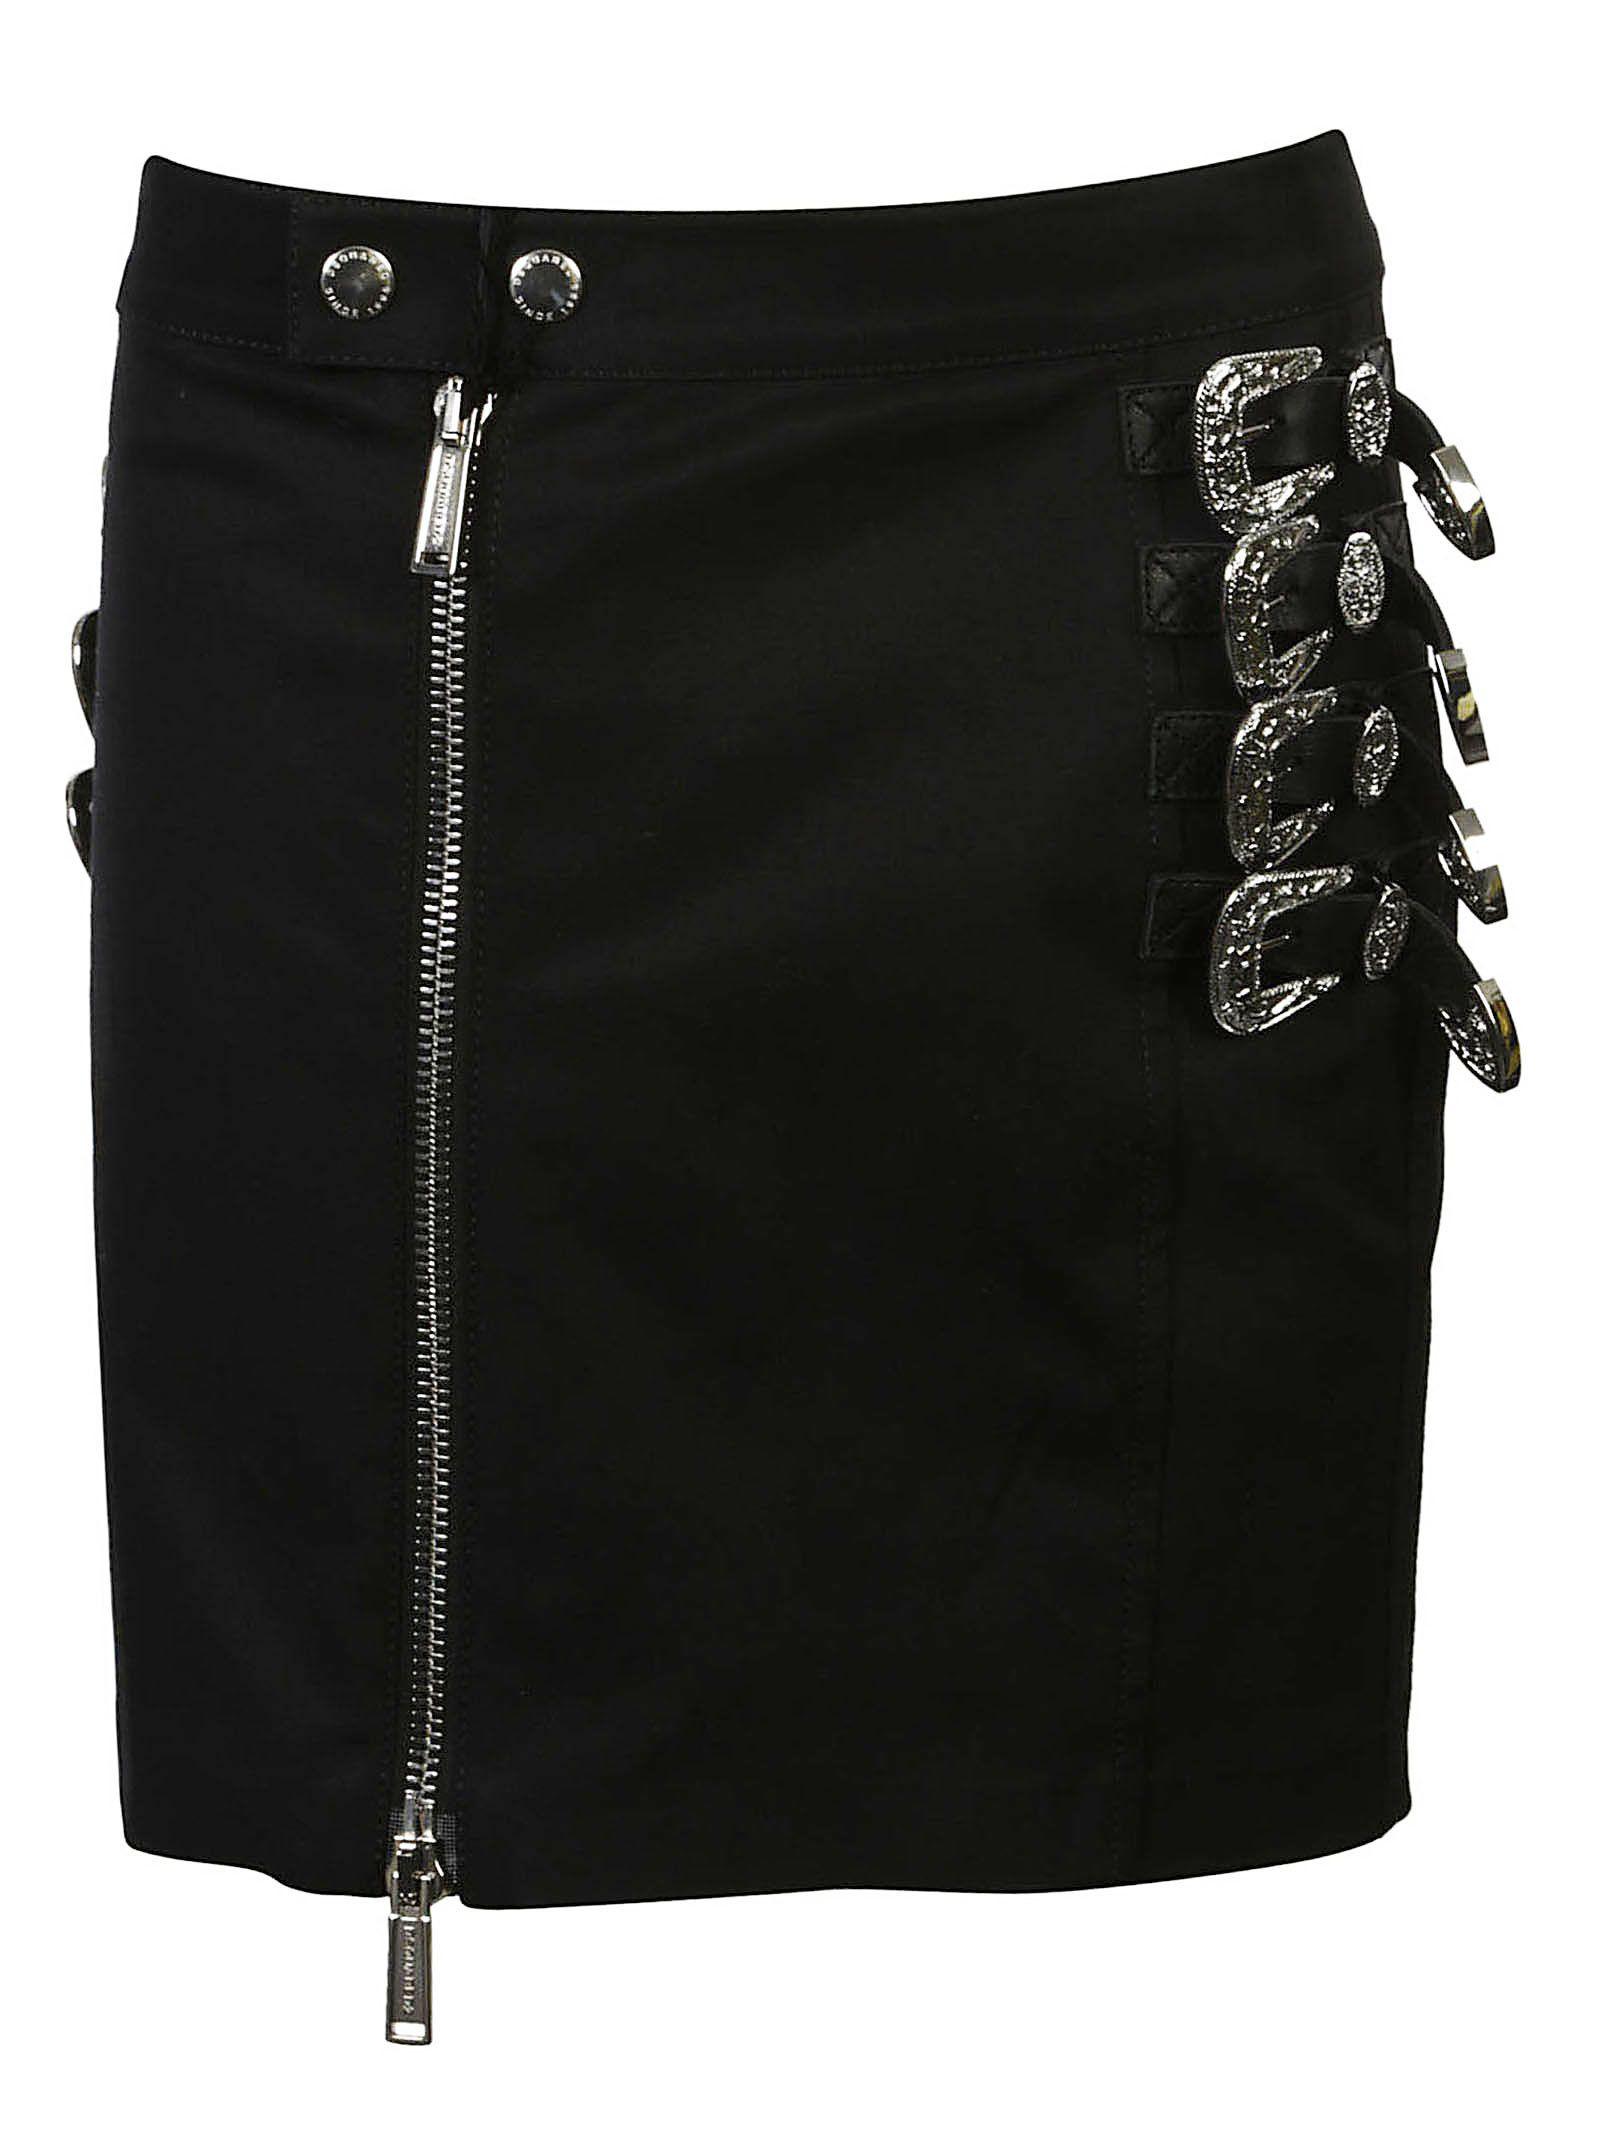 Dsquared2 Buckled Short Skirt